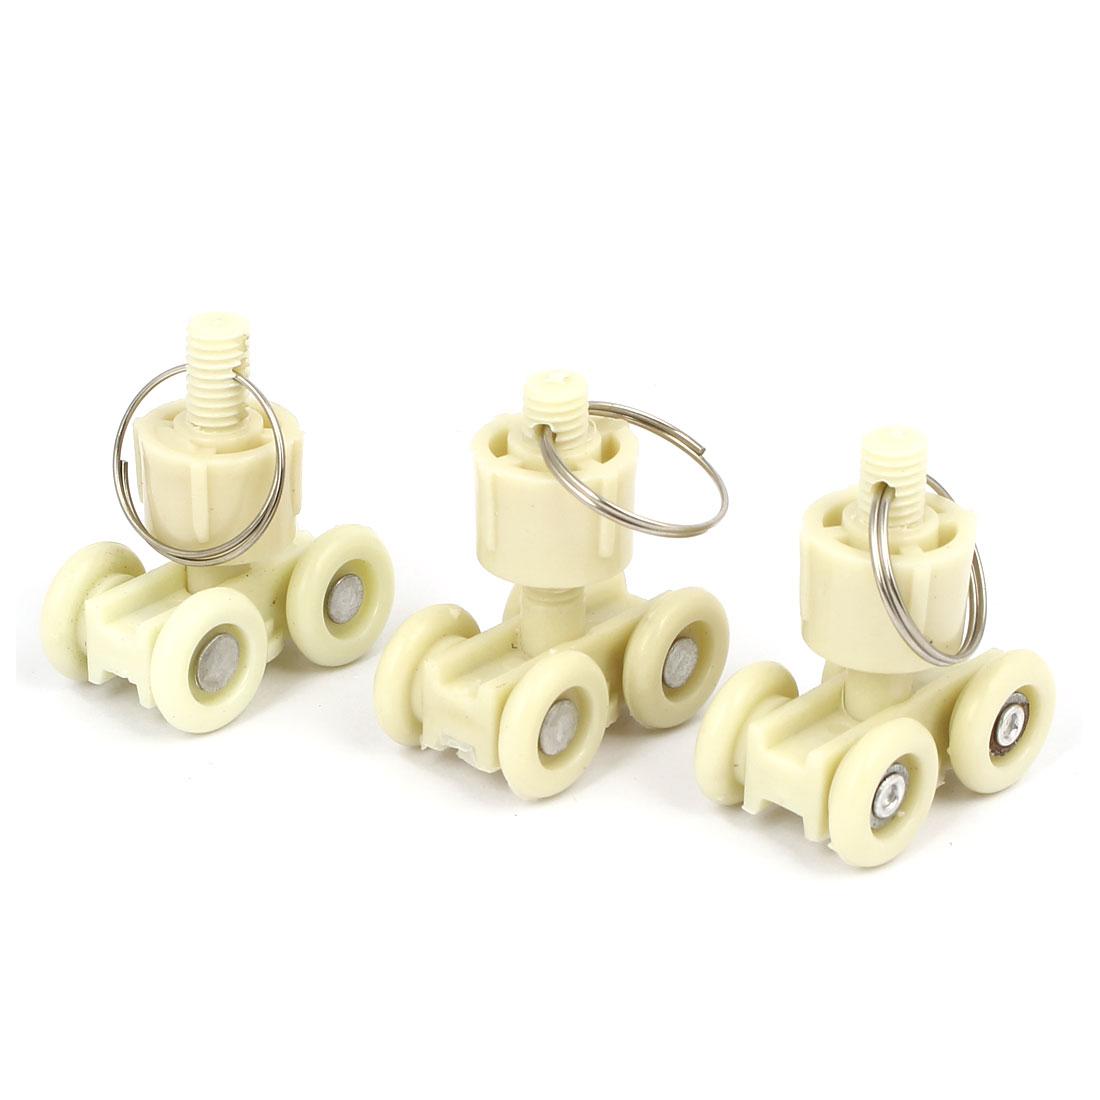 18mm Dia Wheel Plastic Swivel Eye Ring Curtain Track Roller Carrier Beige 3pcs